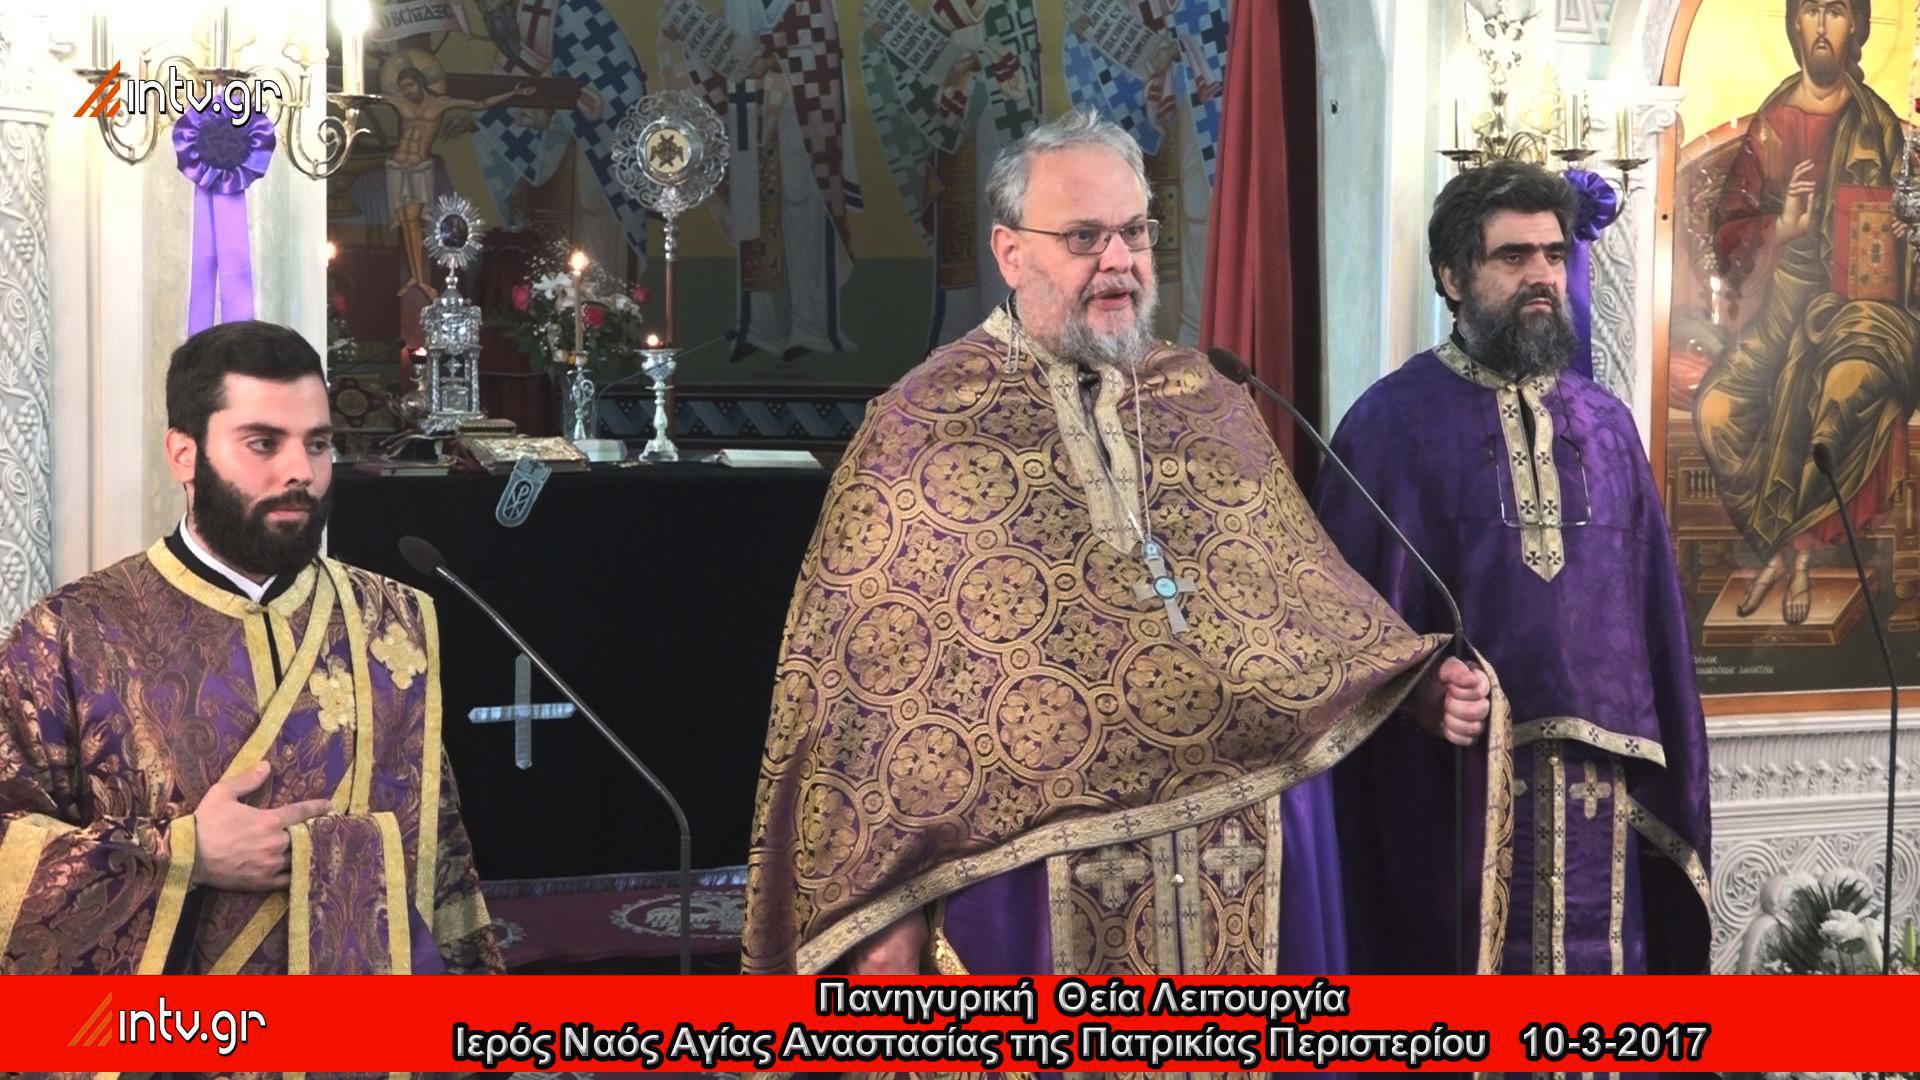 Πανηγυρική Θεία Λειτουργία - Ιερός Ναός Αγίας Αναστασίας της Πατρικίας Περιστερίου